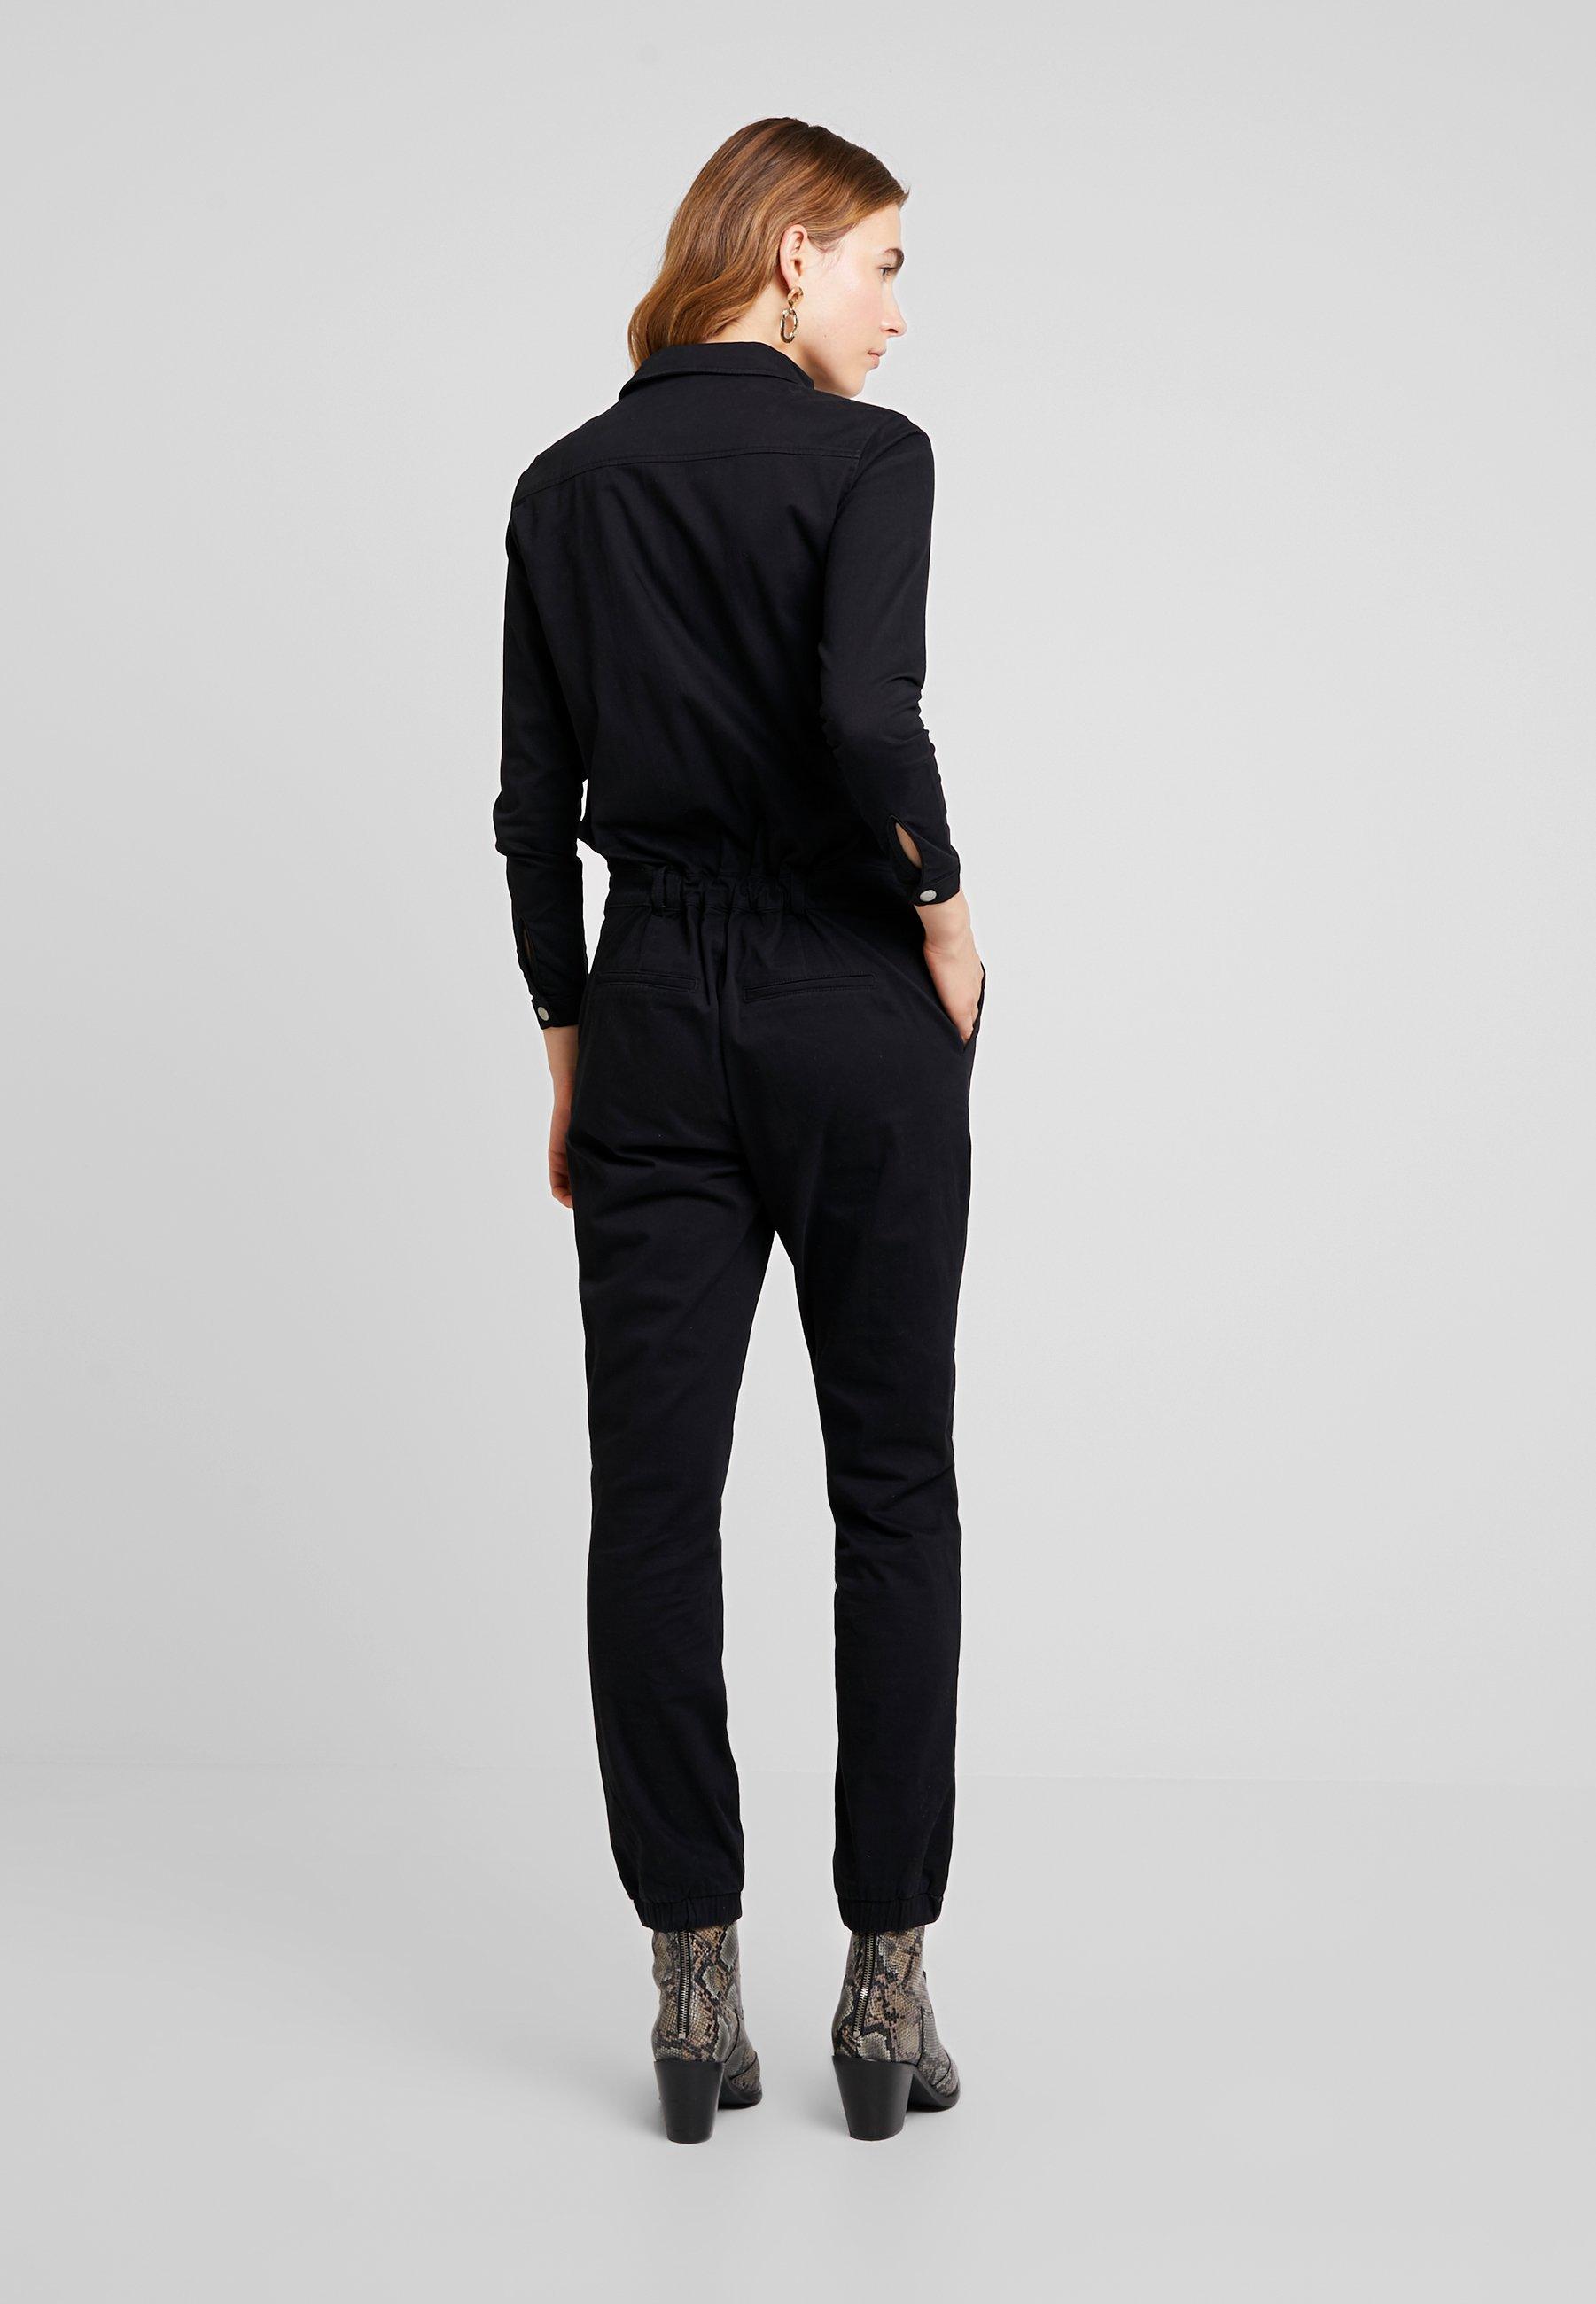 Miss Green UNDER THE BOARDWALK - Tuta jumpsuit black